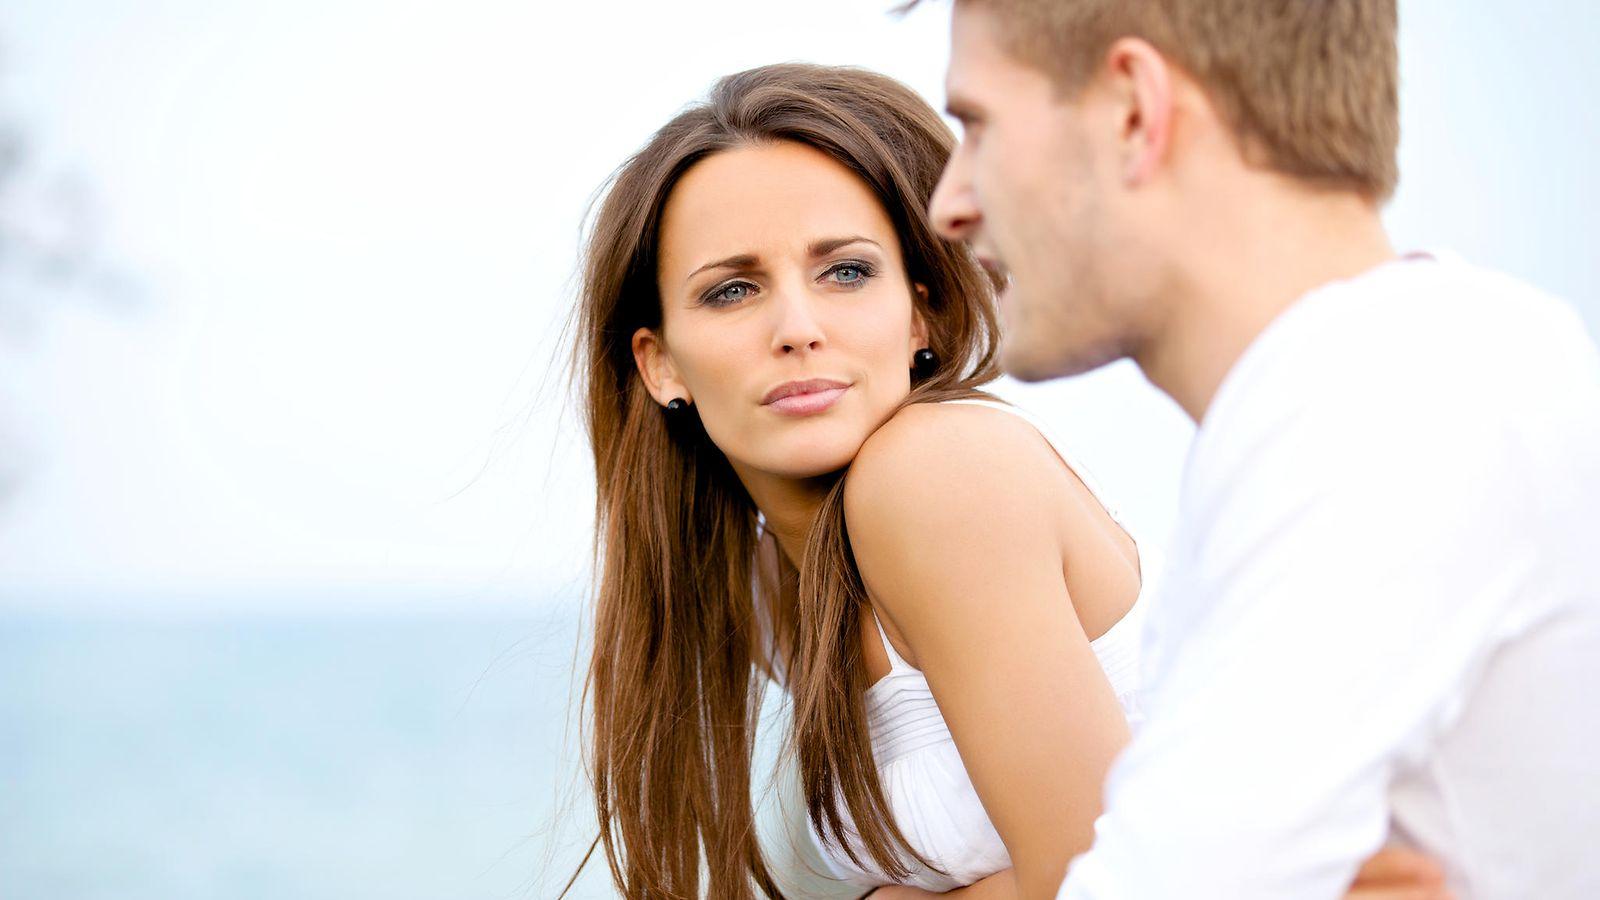 ei allekirjoittaa jalkeilla vapauttaa dating site